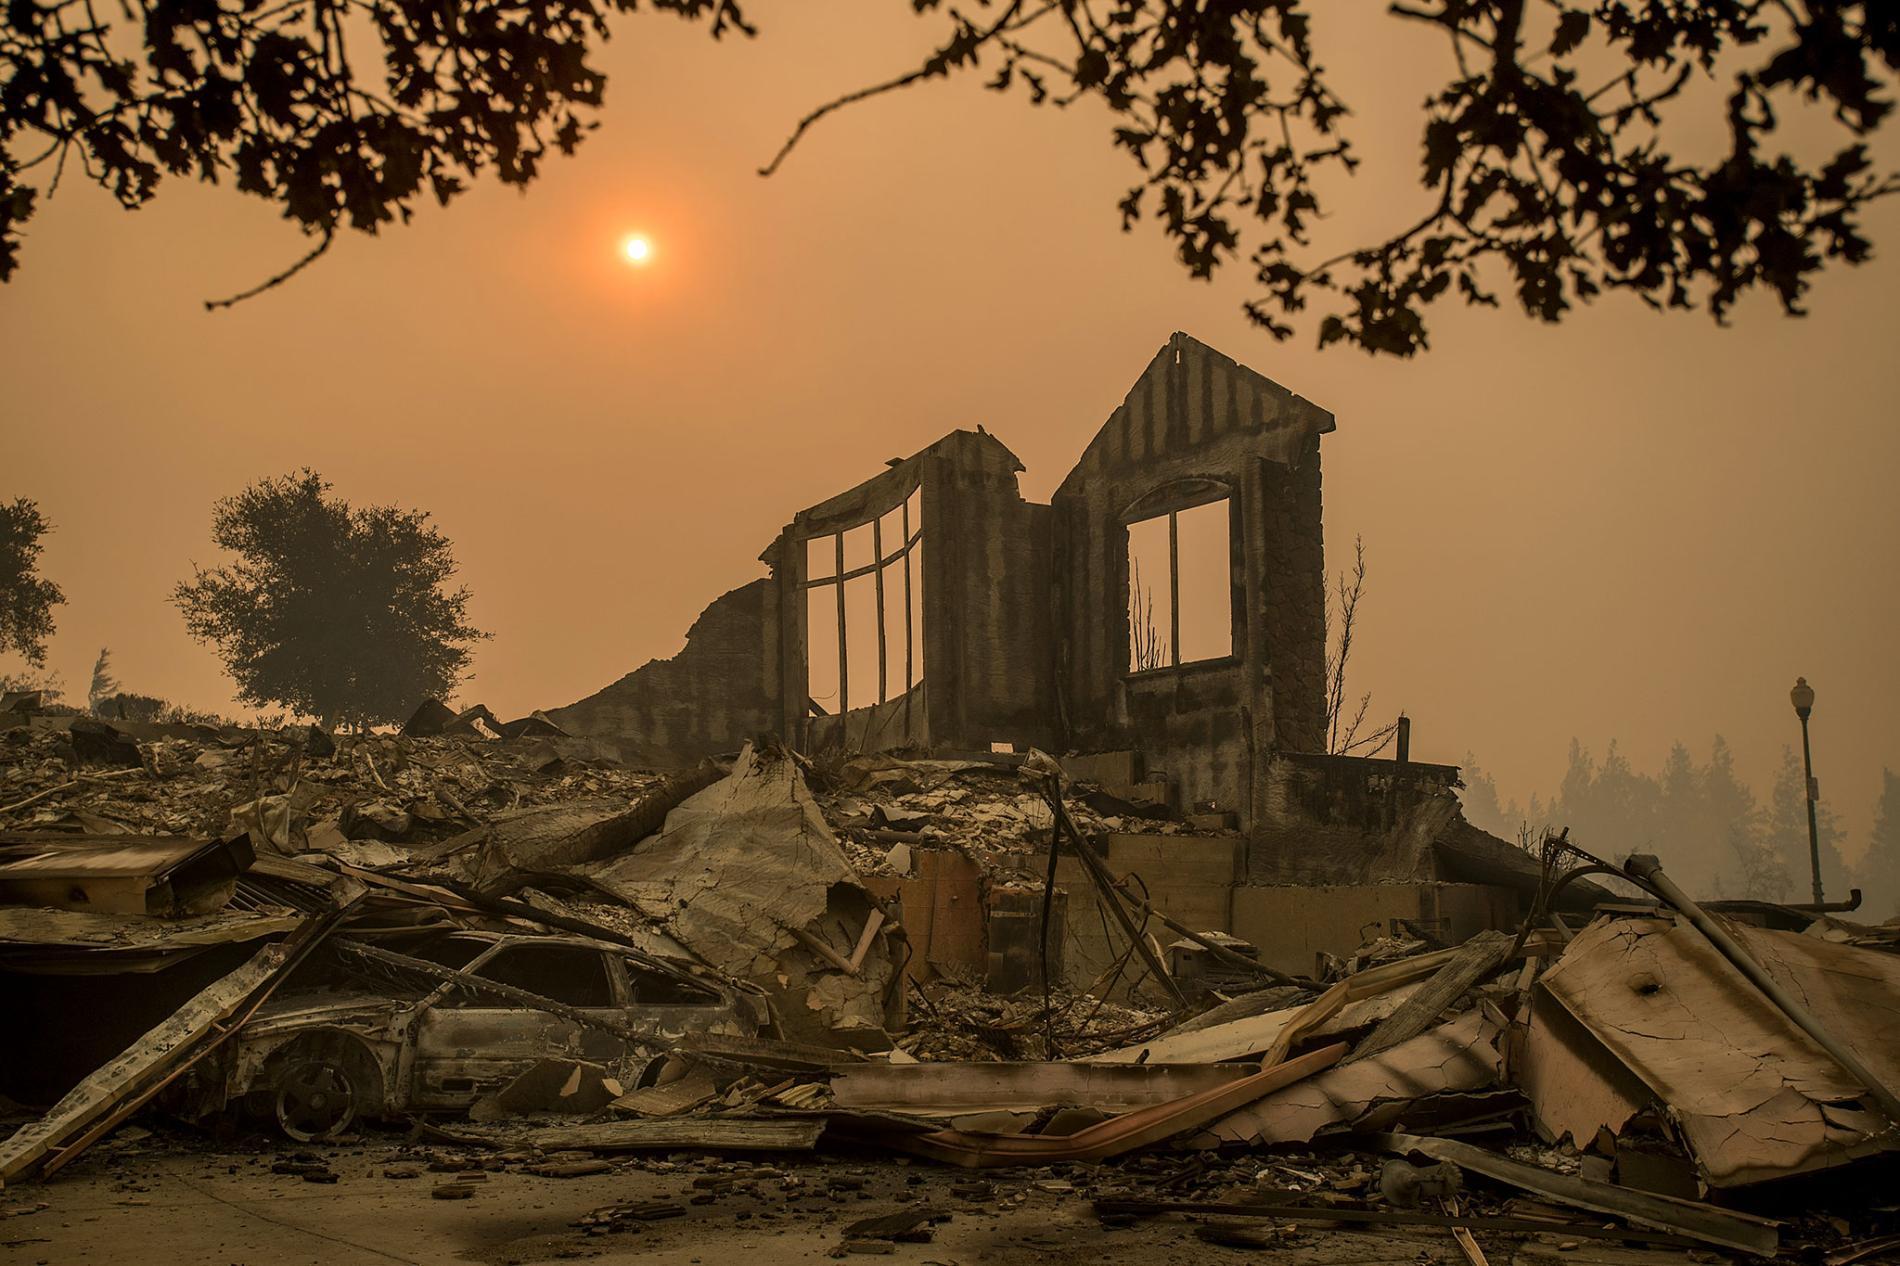 塔布斯野火(Tubbs fire)10月10日肆虐加州,聖塔羅莎市Chanterelle Circle一處住家只剩下佇立的斷垣殘壁。塔布斯野火是加州史上第六大致命的野火。PHOTOGRAPH BY NOAH BERGER, SAN FRANCISCO CHRONICLE